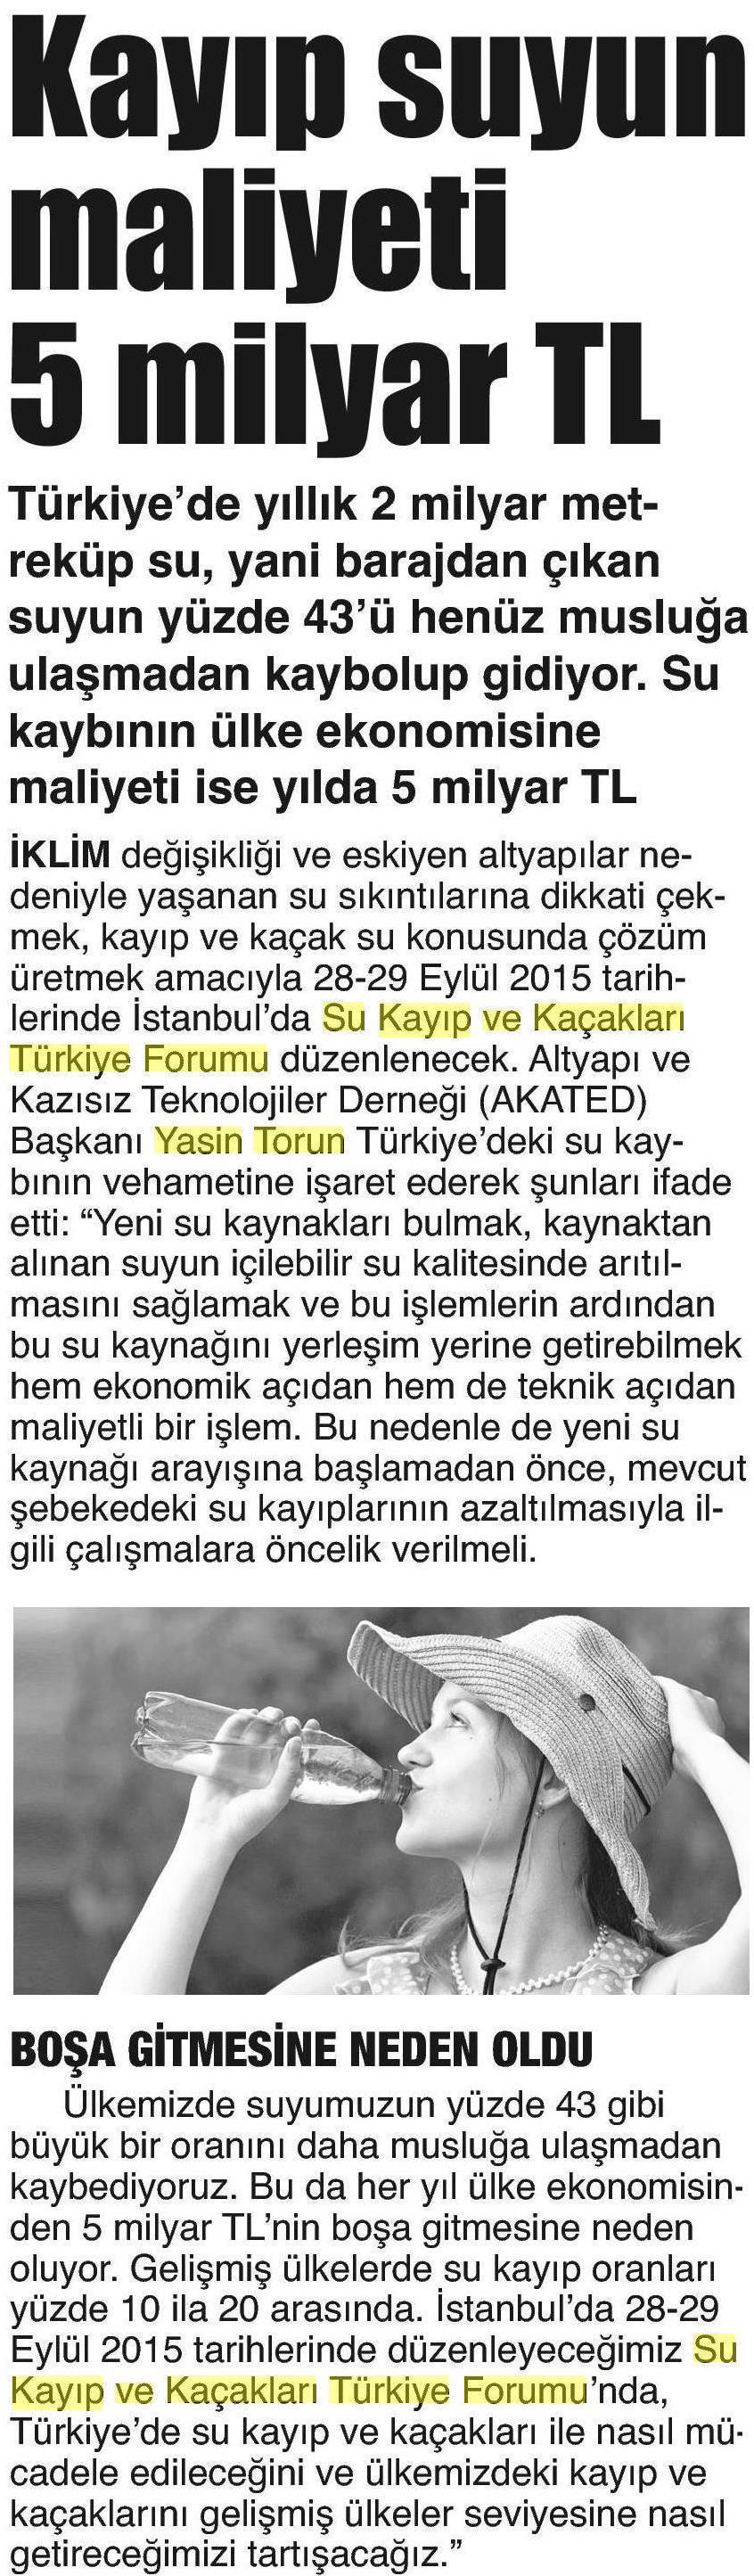 Gazete Gerçek 11.09.2015